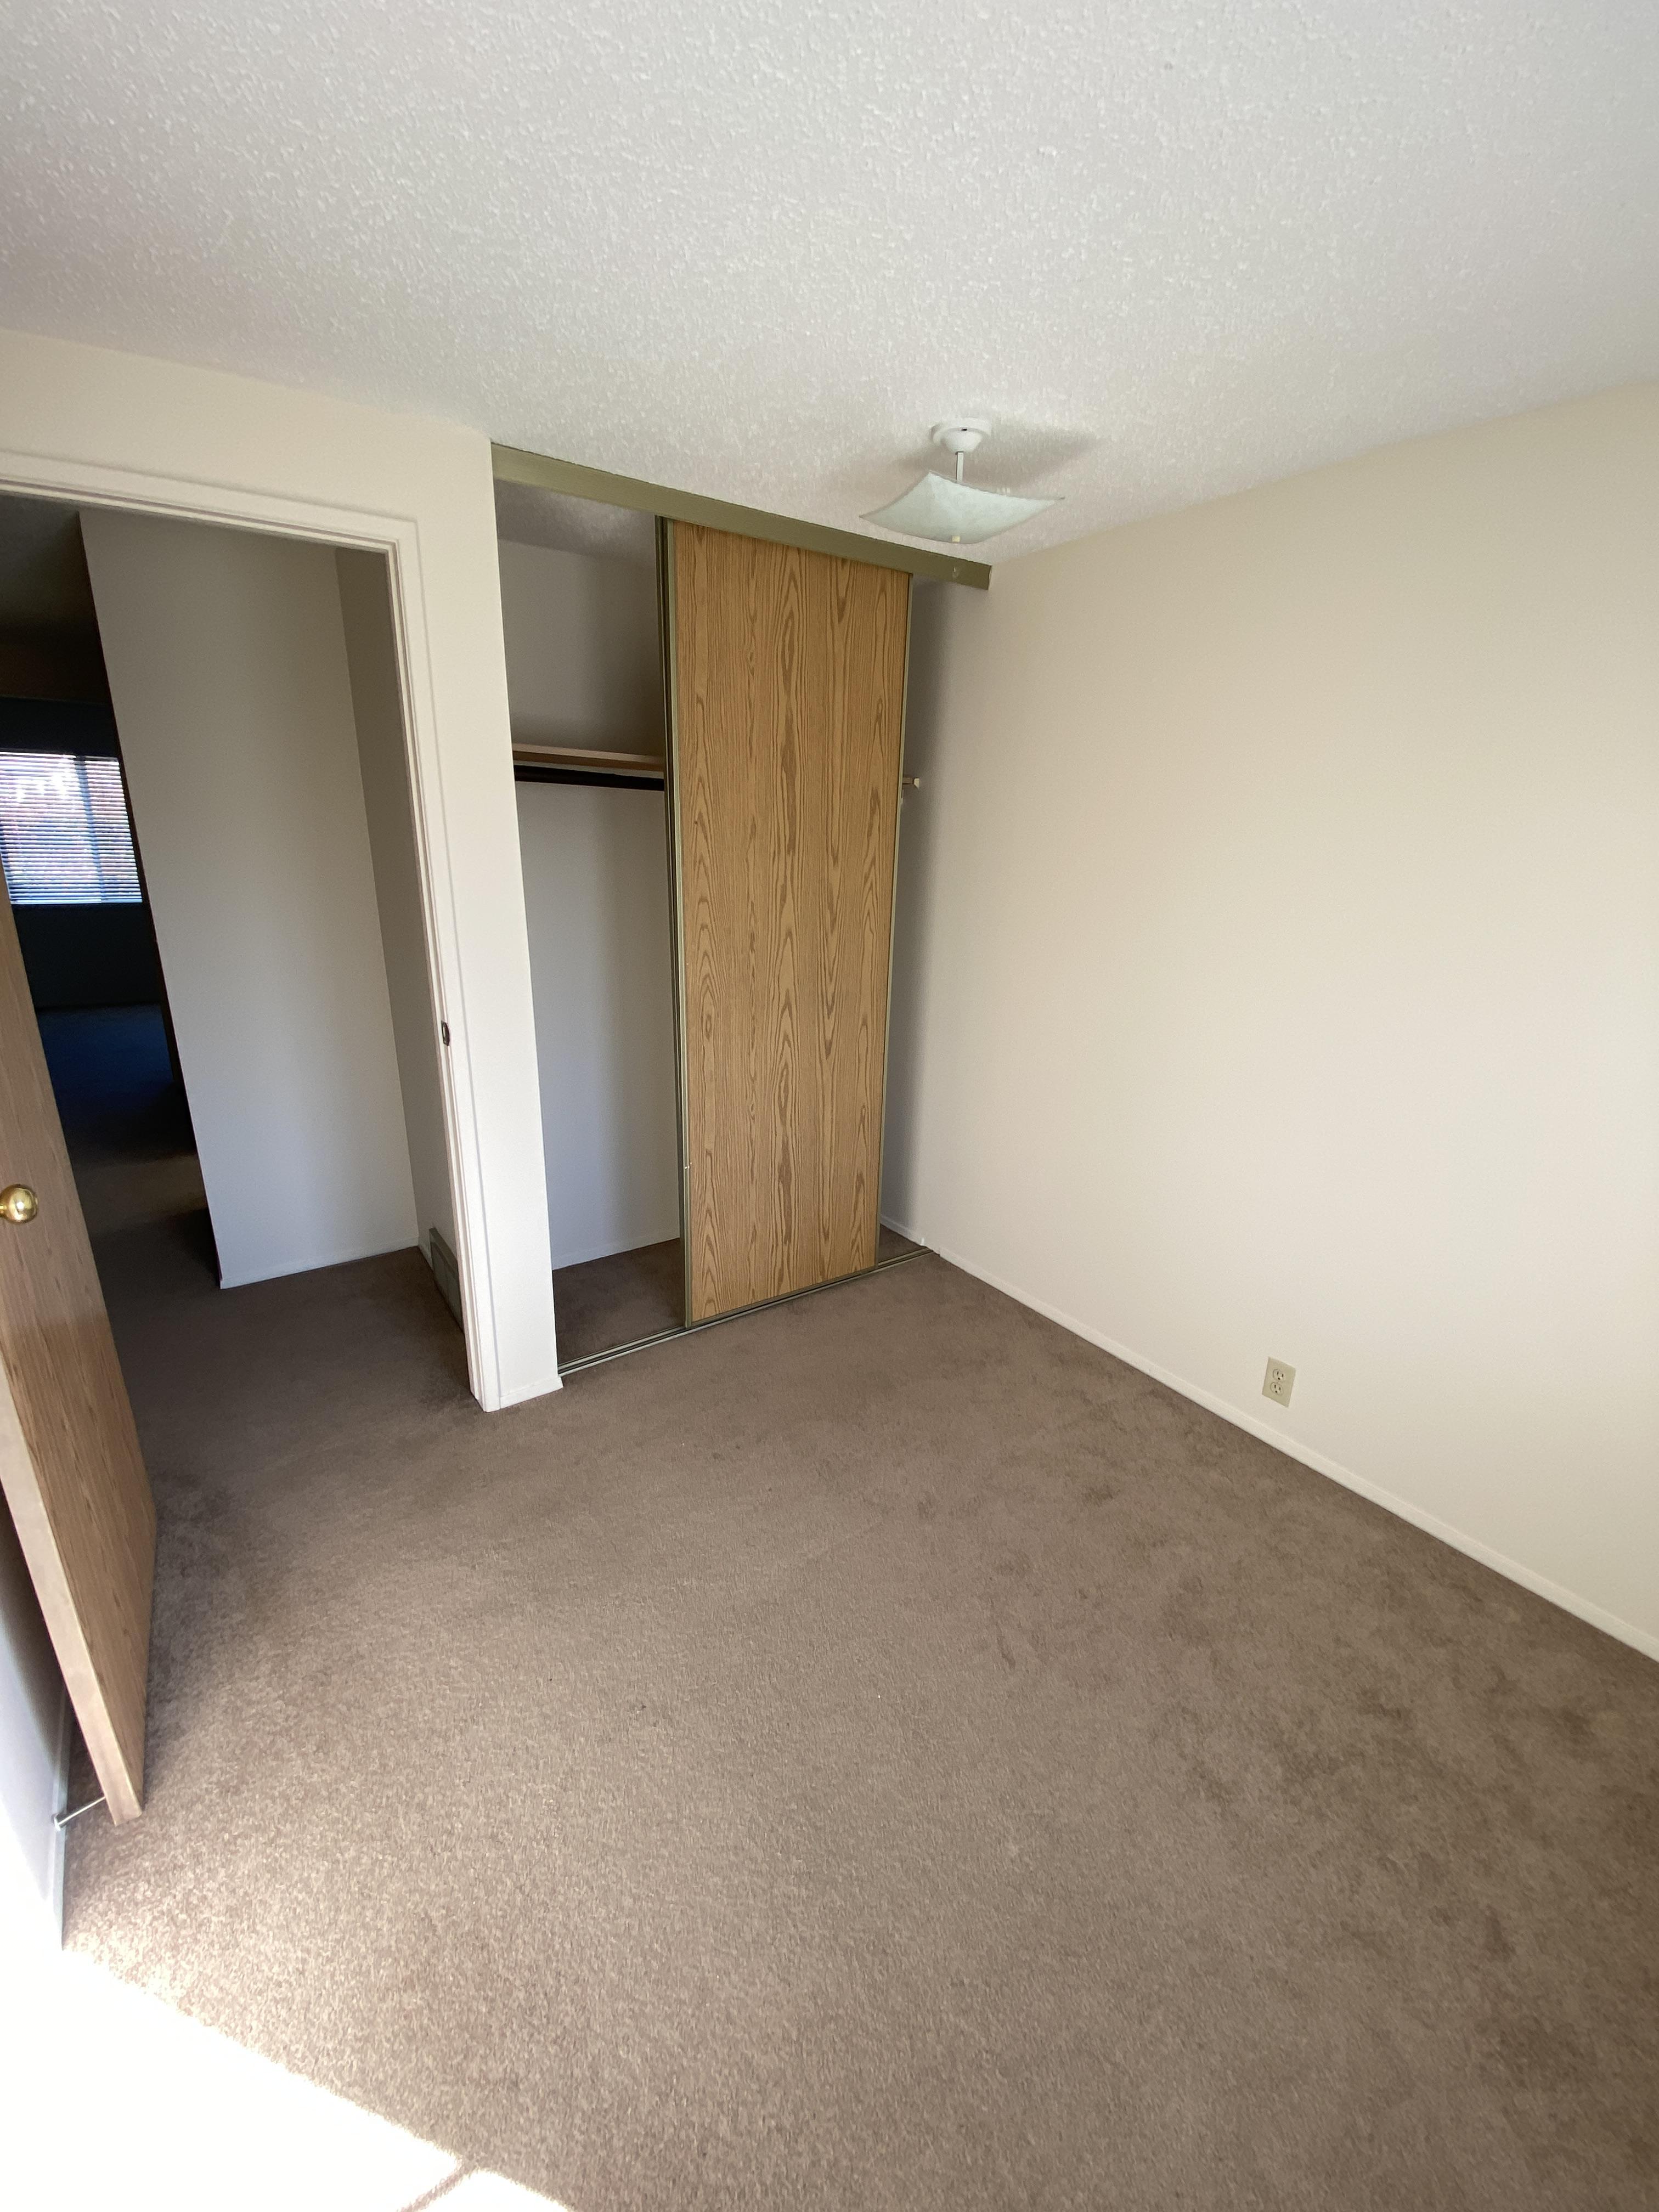 Castlebrook 69 Way NE, Calgary, Alberta T3J 2A7, 3 Bedrooms Bedrooms, ,1 BathroomBathrooms,Townhouse,For Rent,69,1026